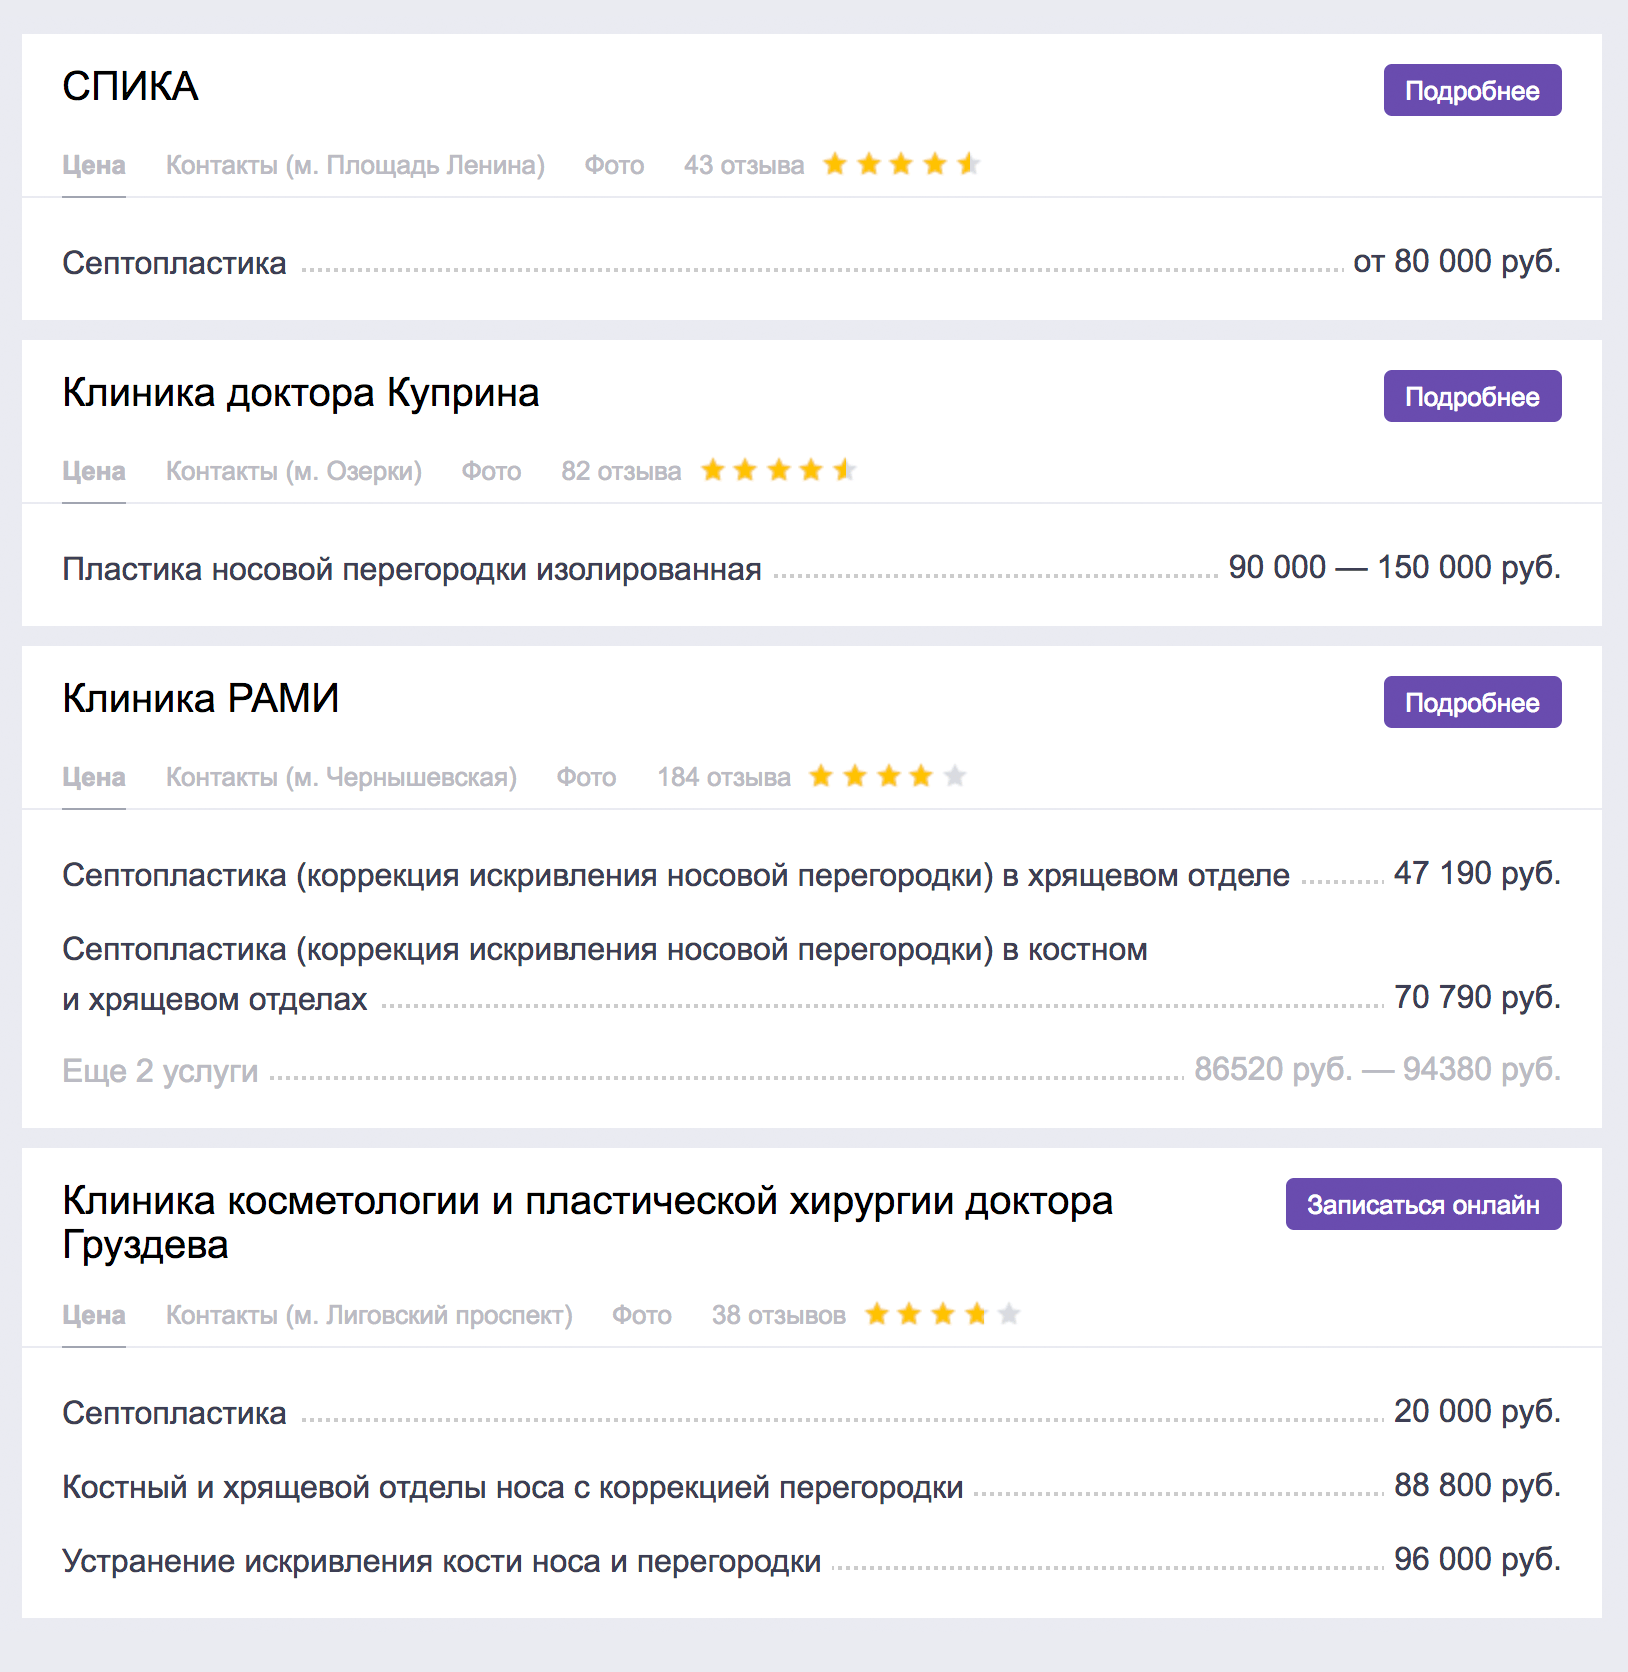 Цены на септопластику в частных клиниках Санкт-Петербурга. Источник: zoon.ru